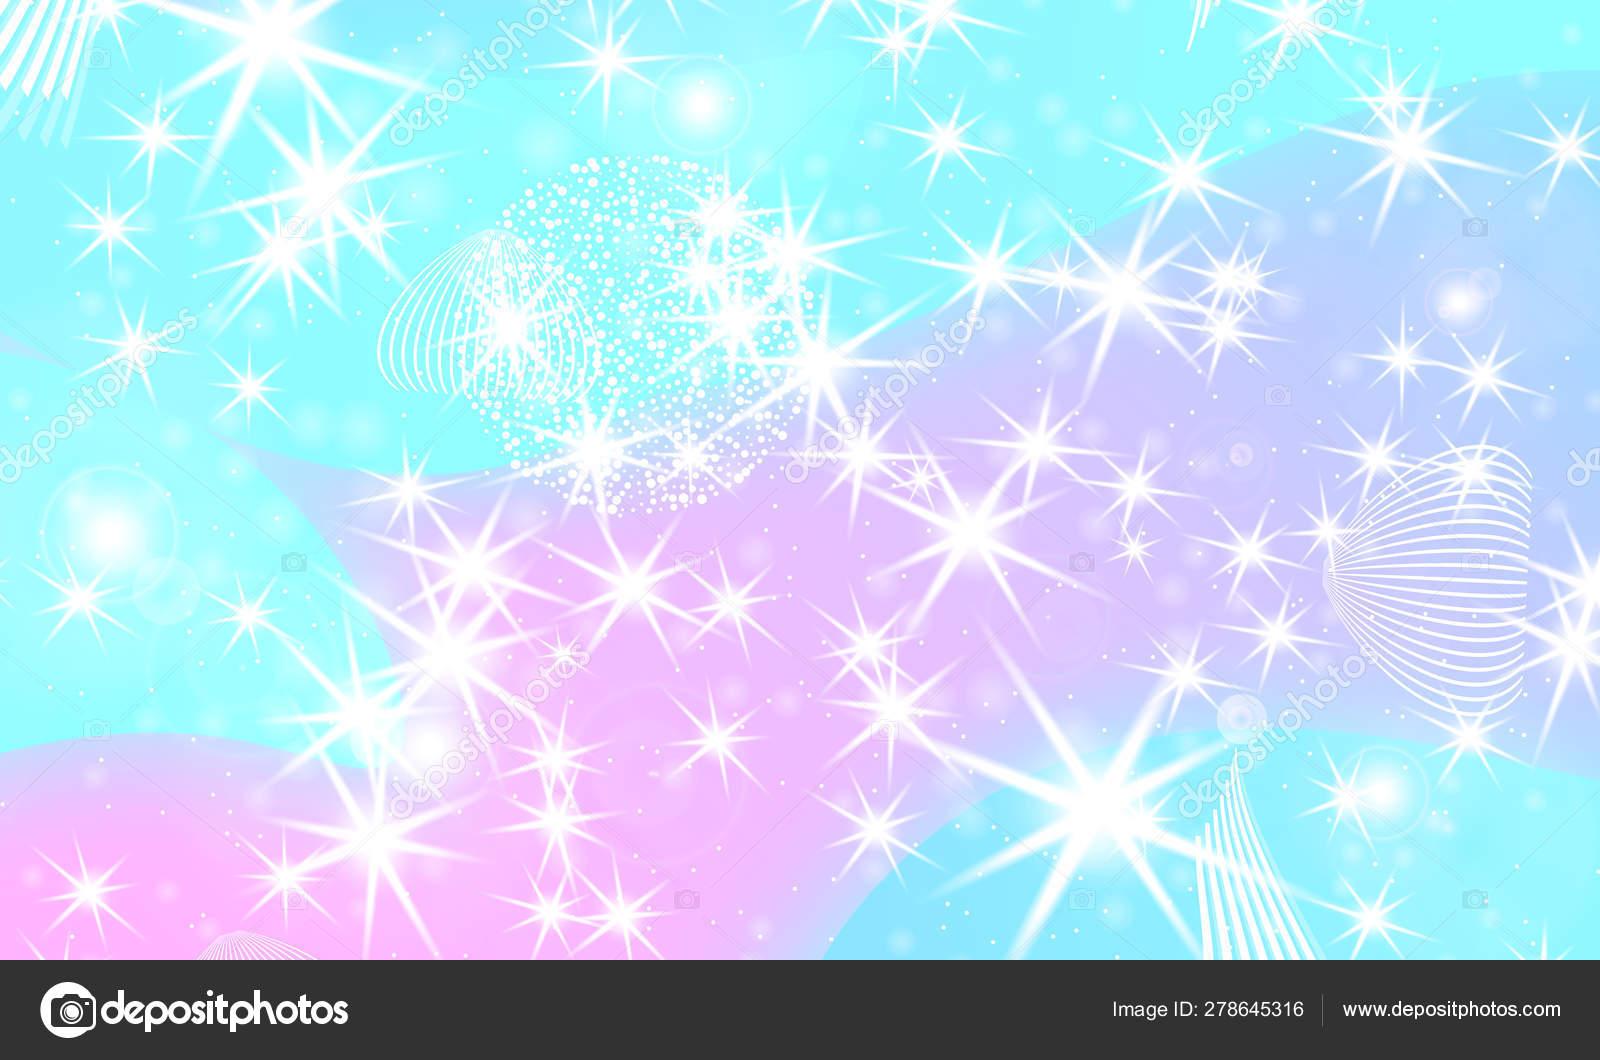 depositphotos 278645316 stock illustration fairy background unicorn pattern